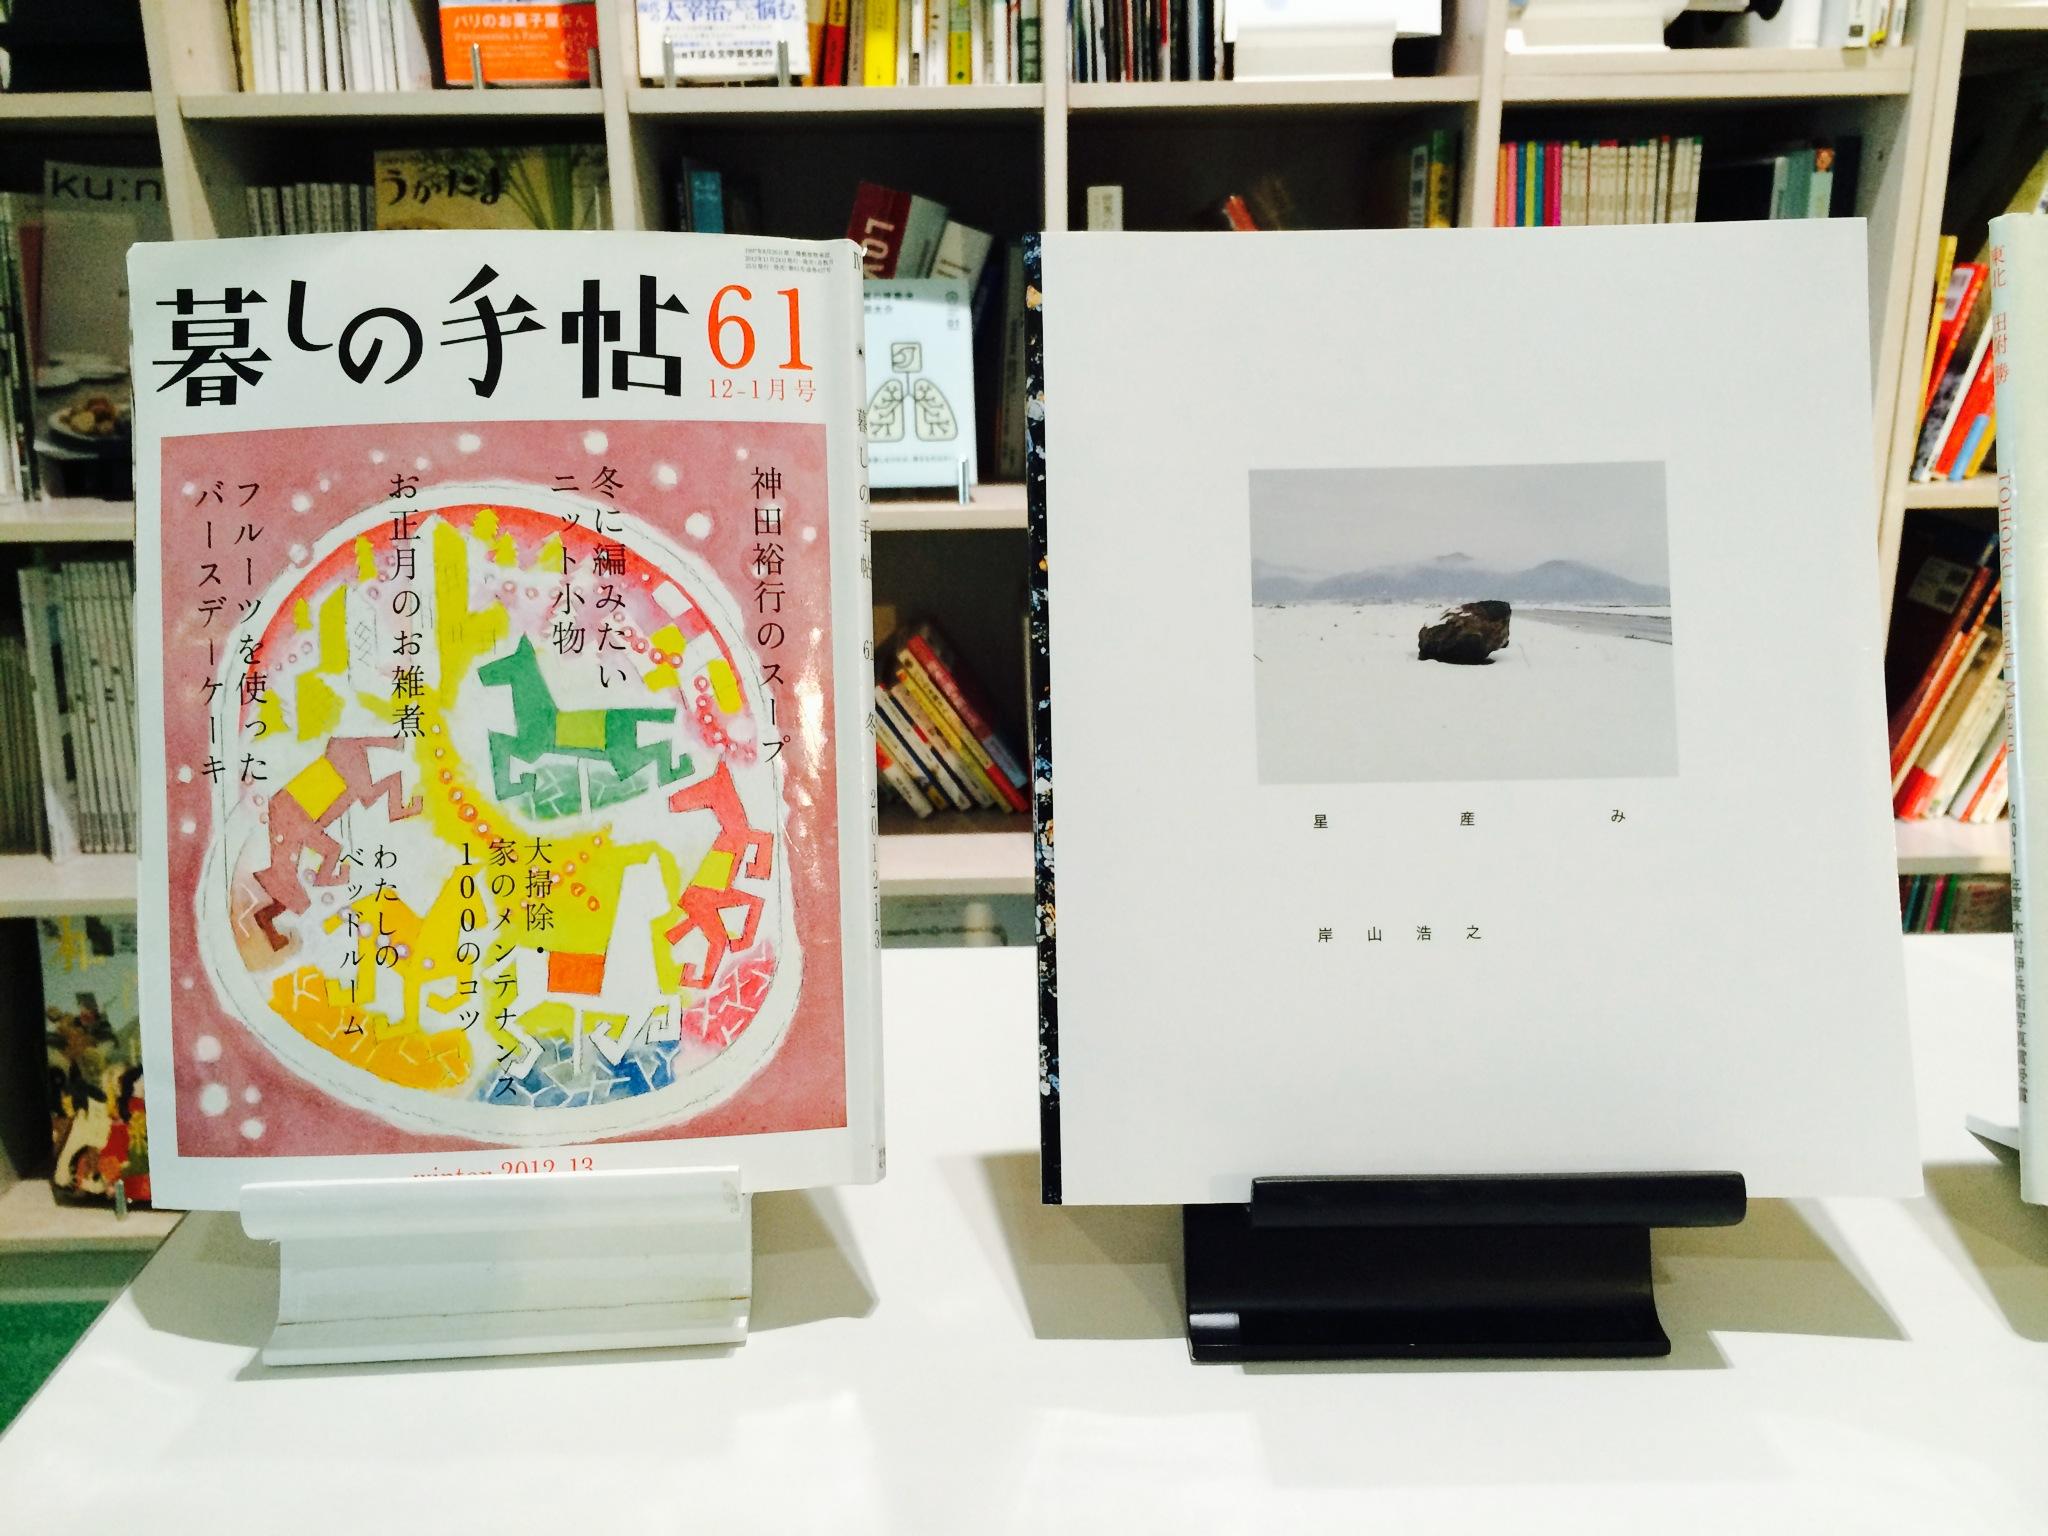 http://hacchi.jp/blog/upload/images/20140108-6.JPG